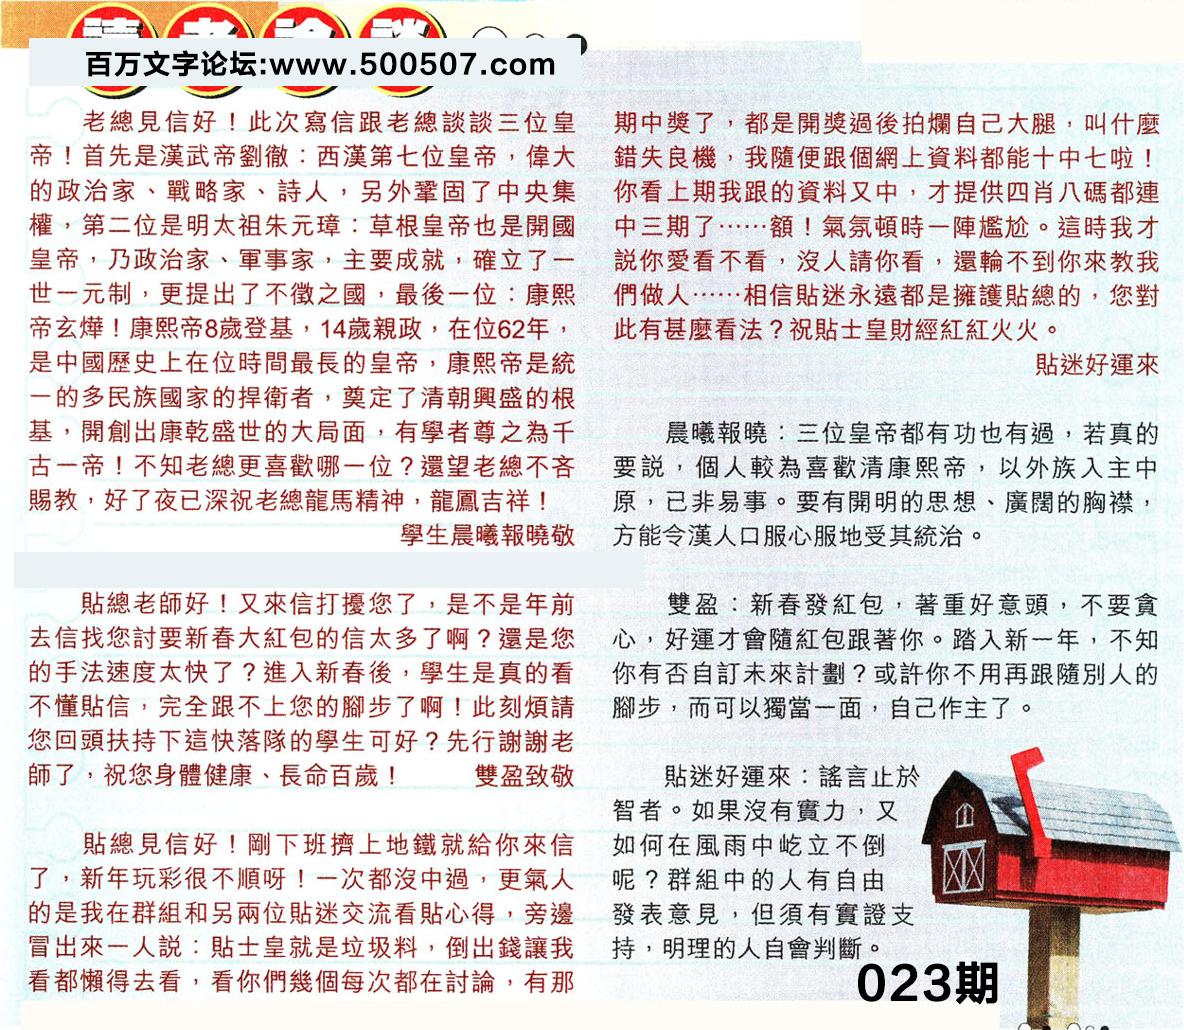 023期:彩民推荐�N信�x者���